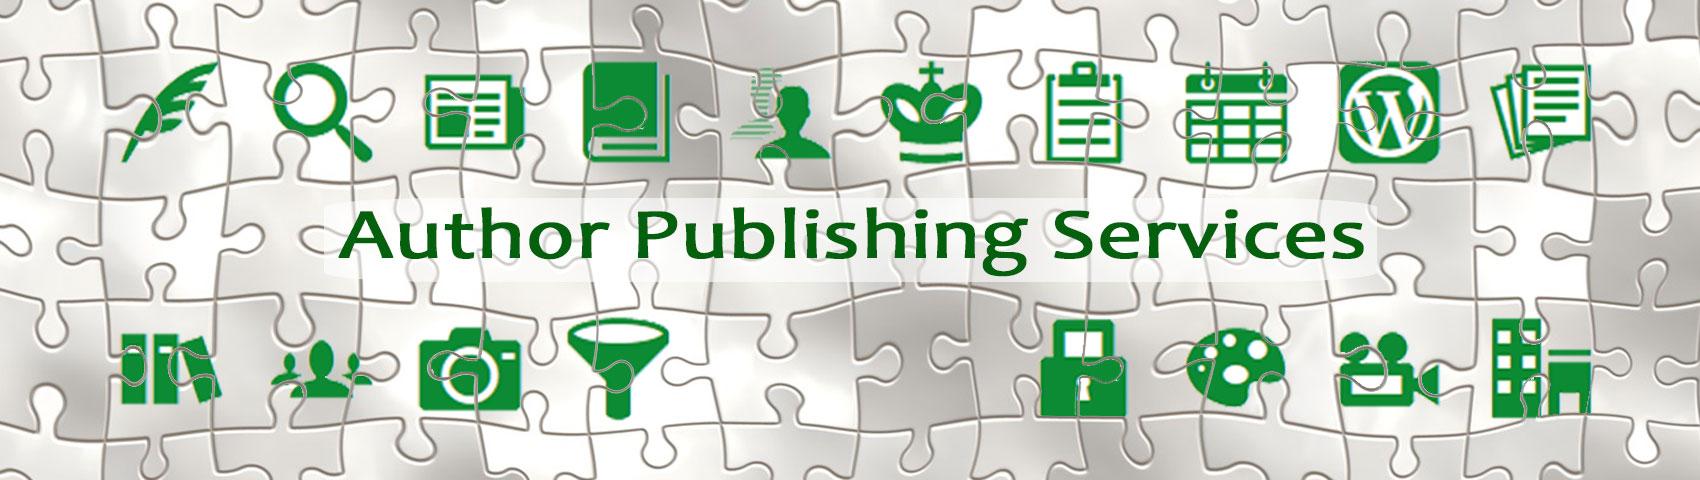 Keswin Publishing Services Authors